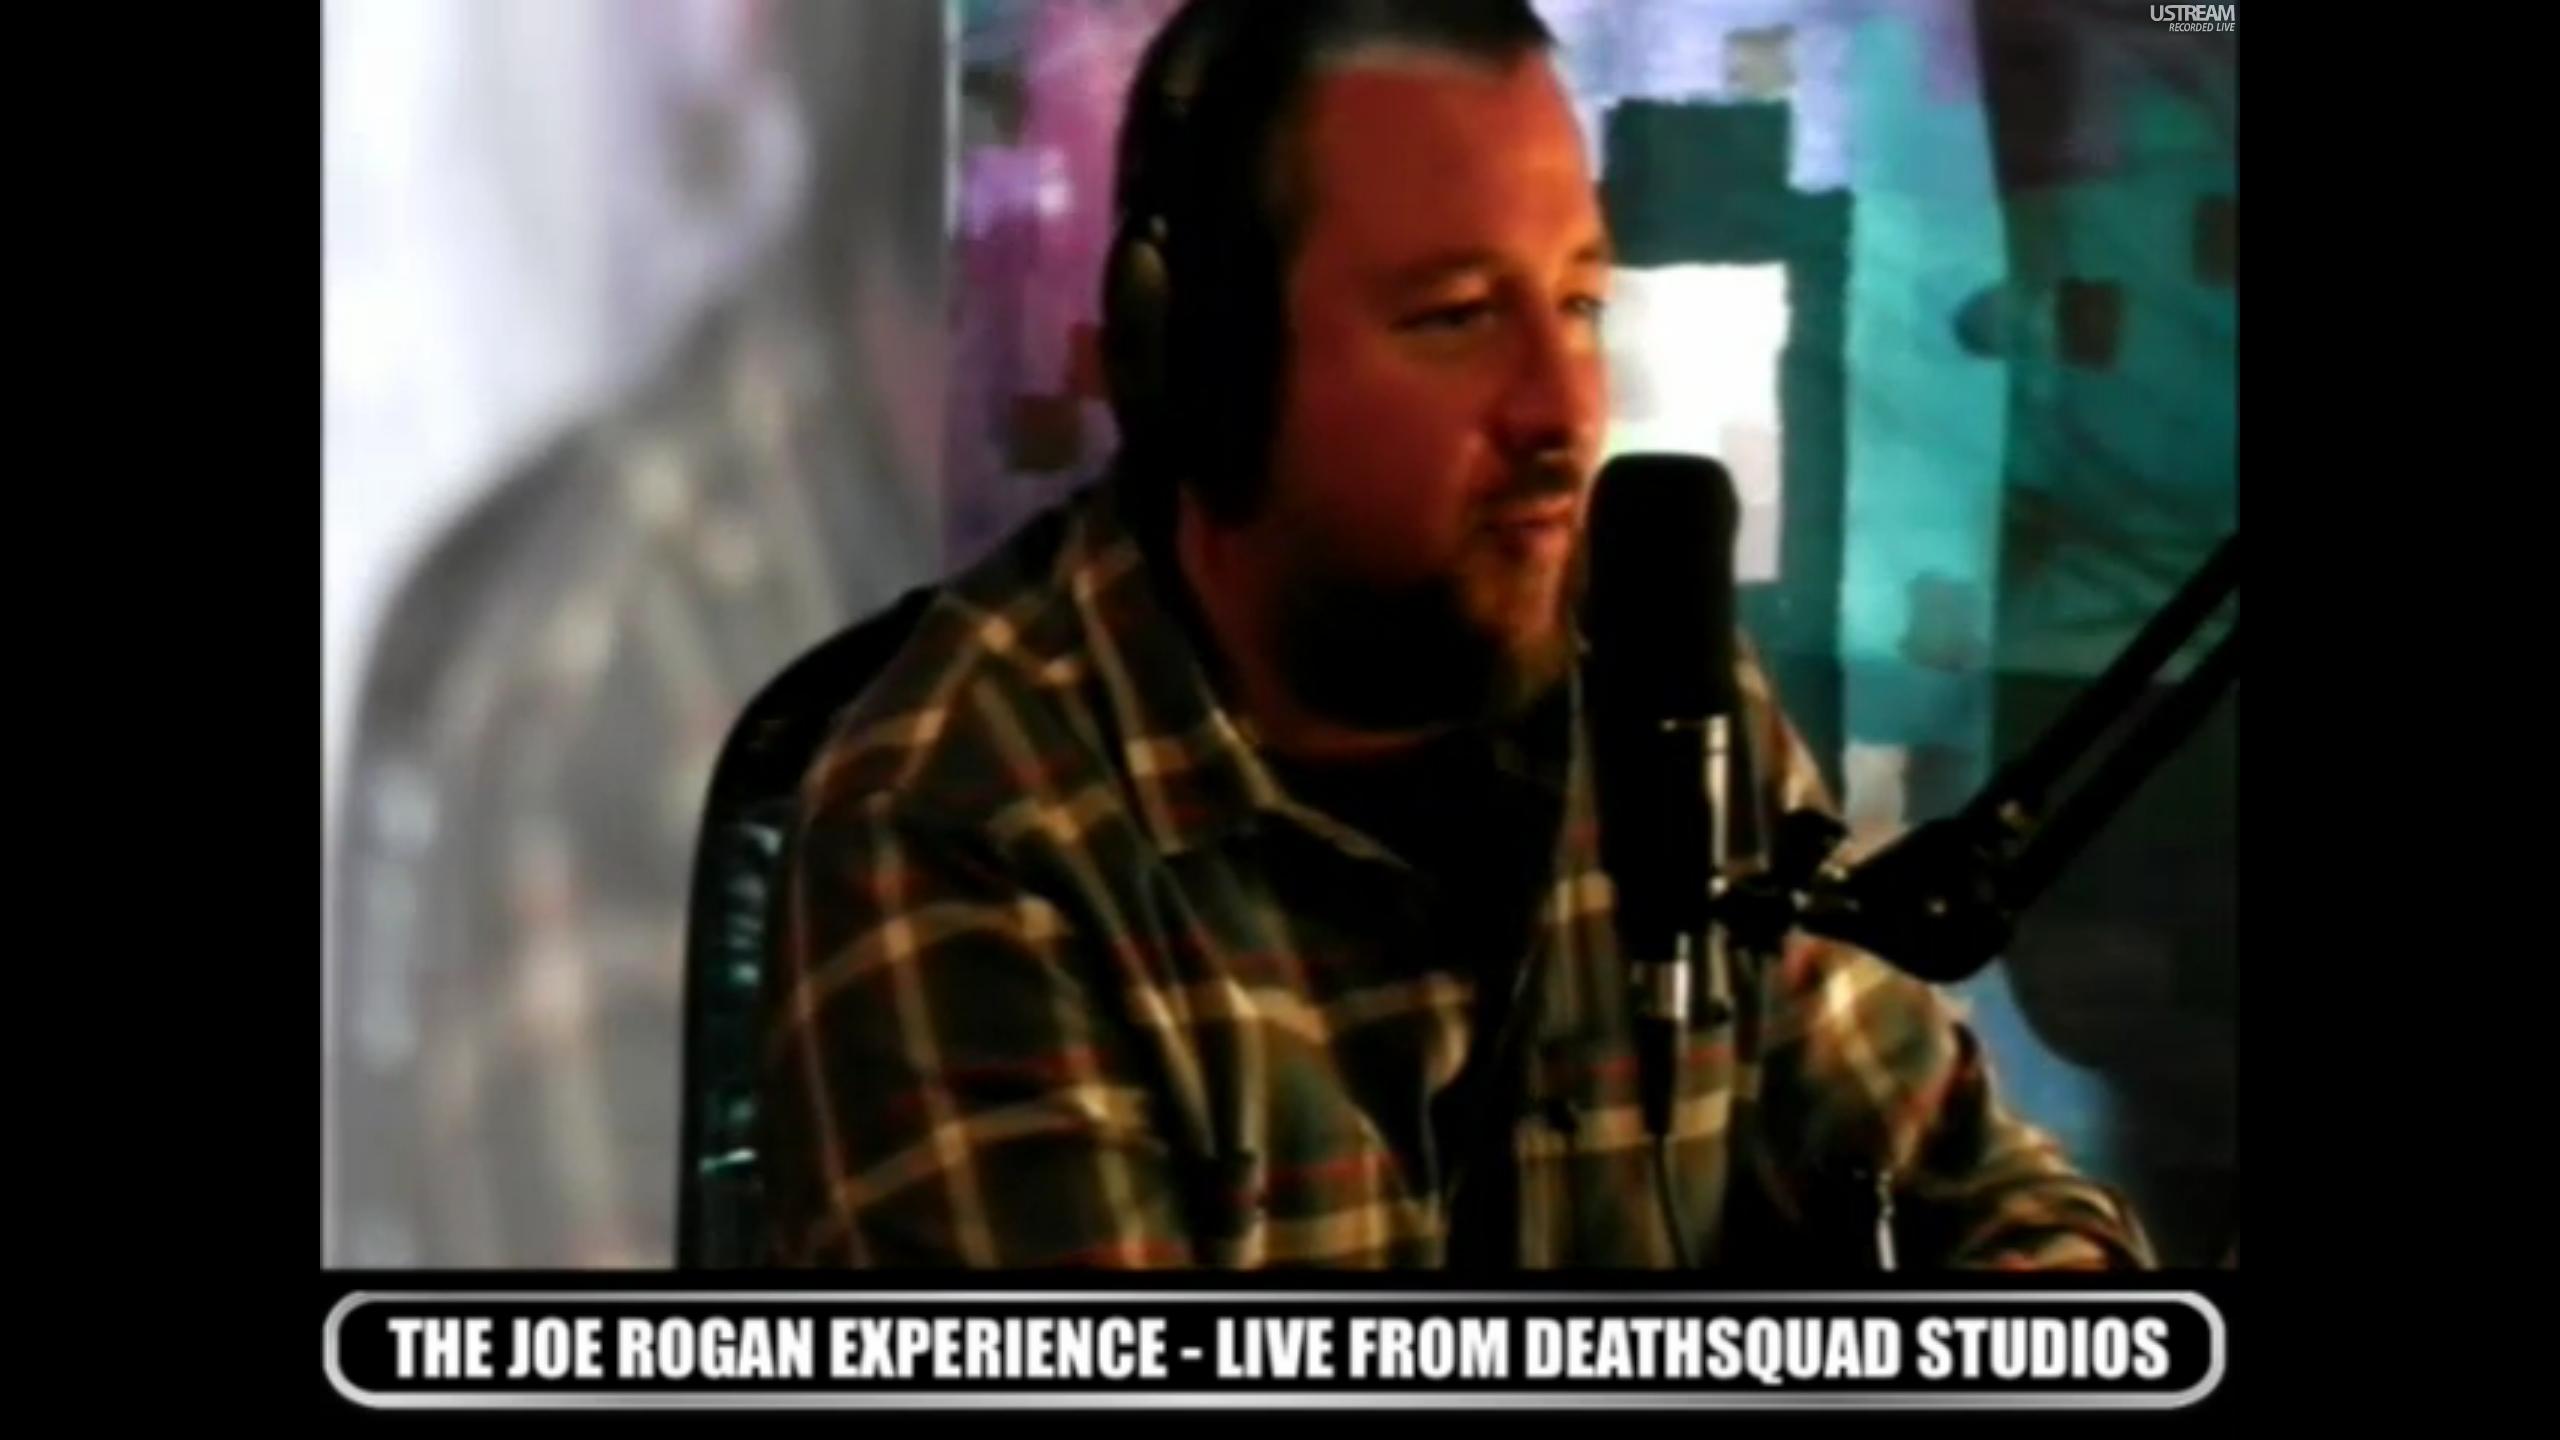 The Joe Rogan Experience PODCAST #164 - Shane Smith, Brian Redban